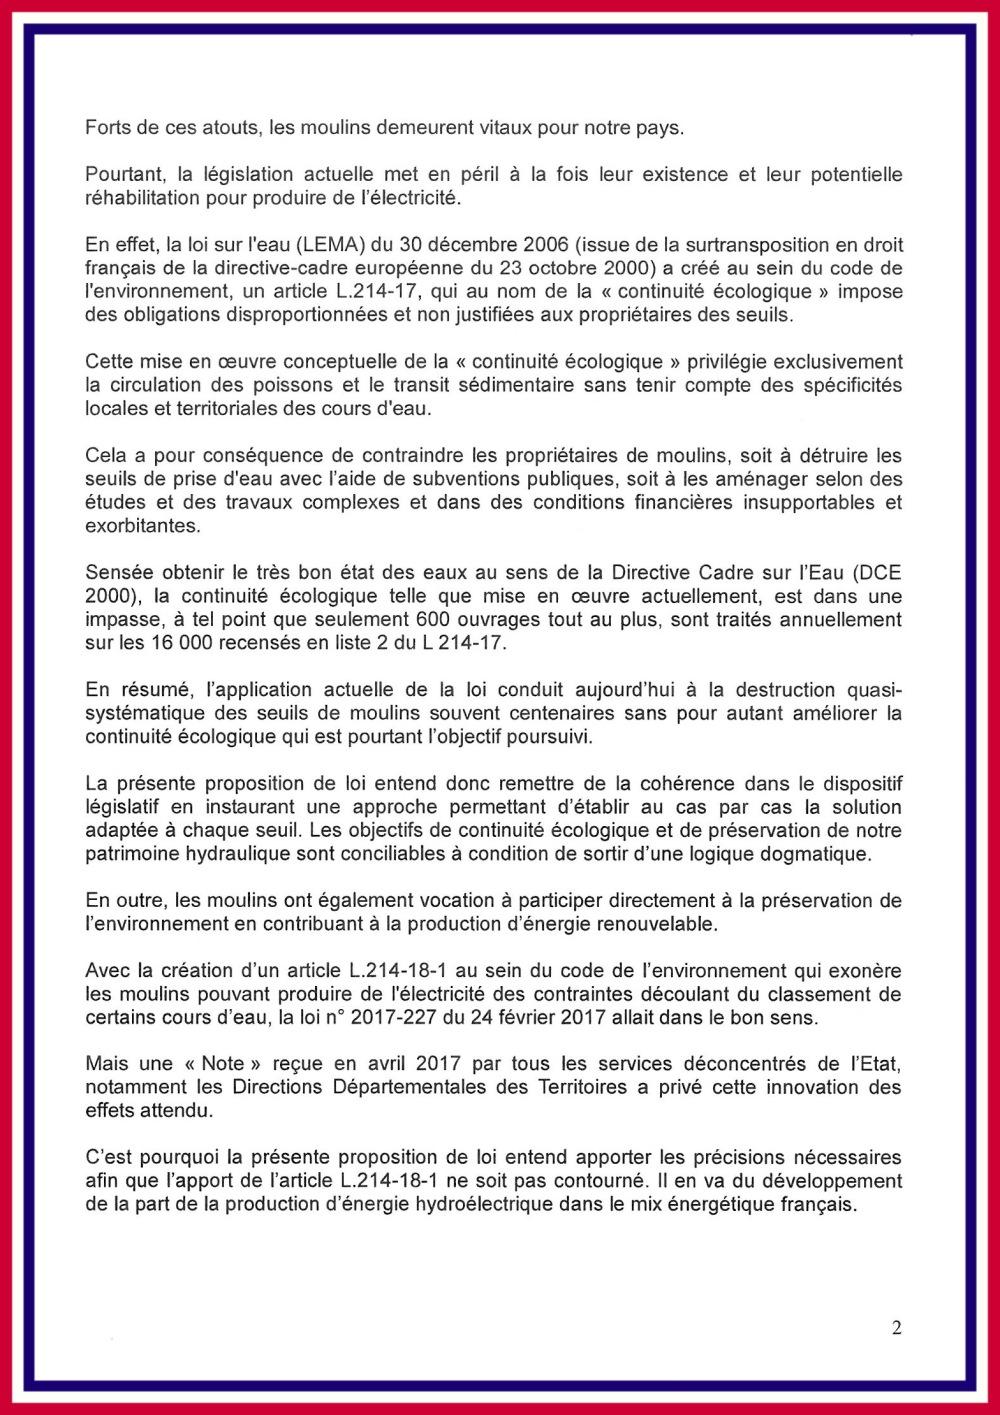 Proposition loi V. Lacroute page 2